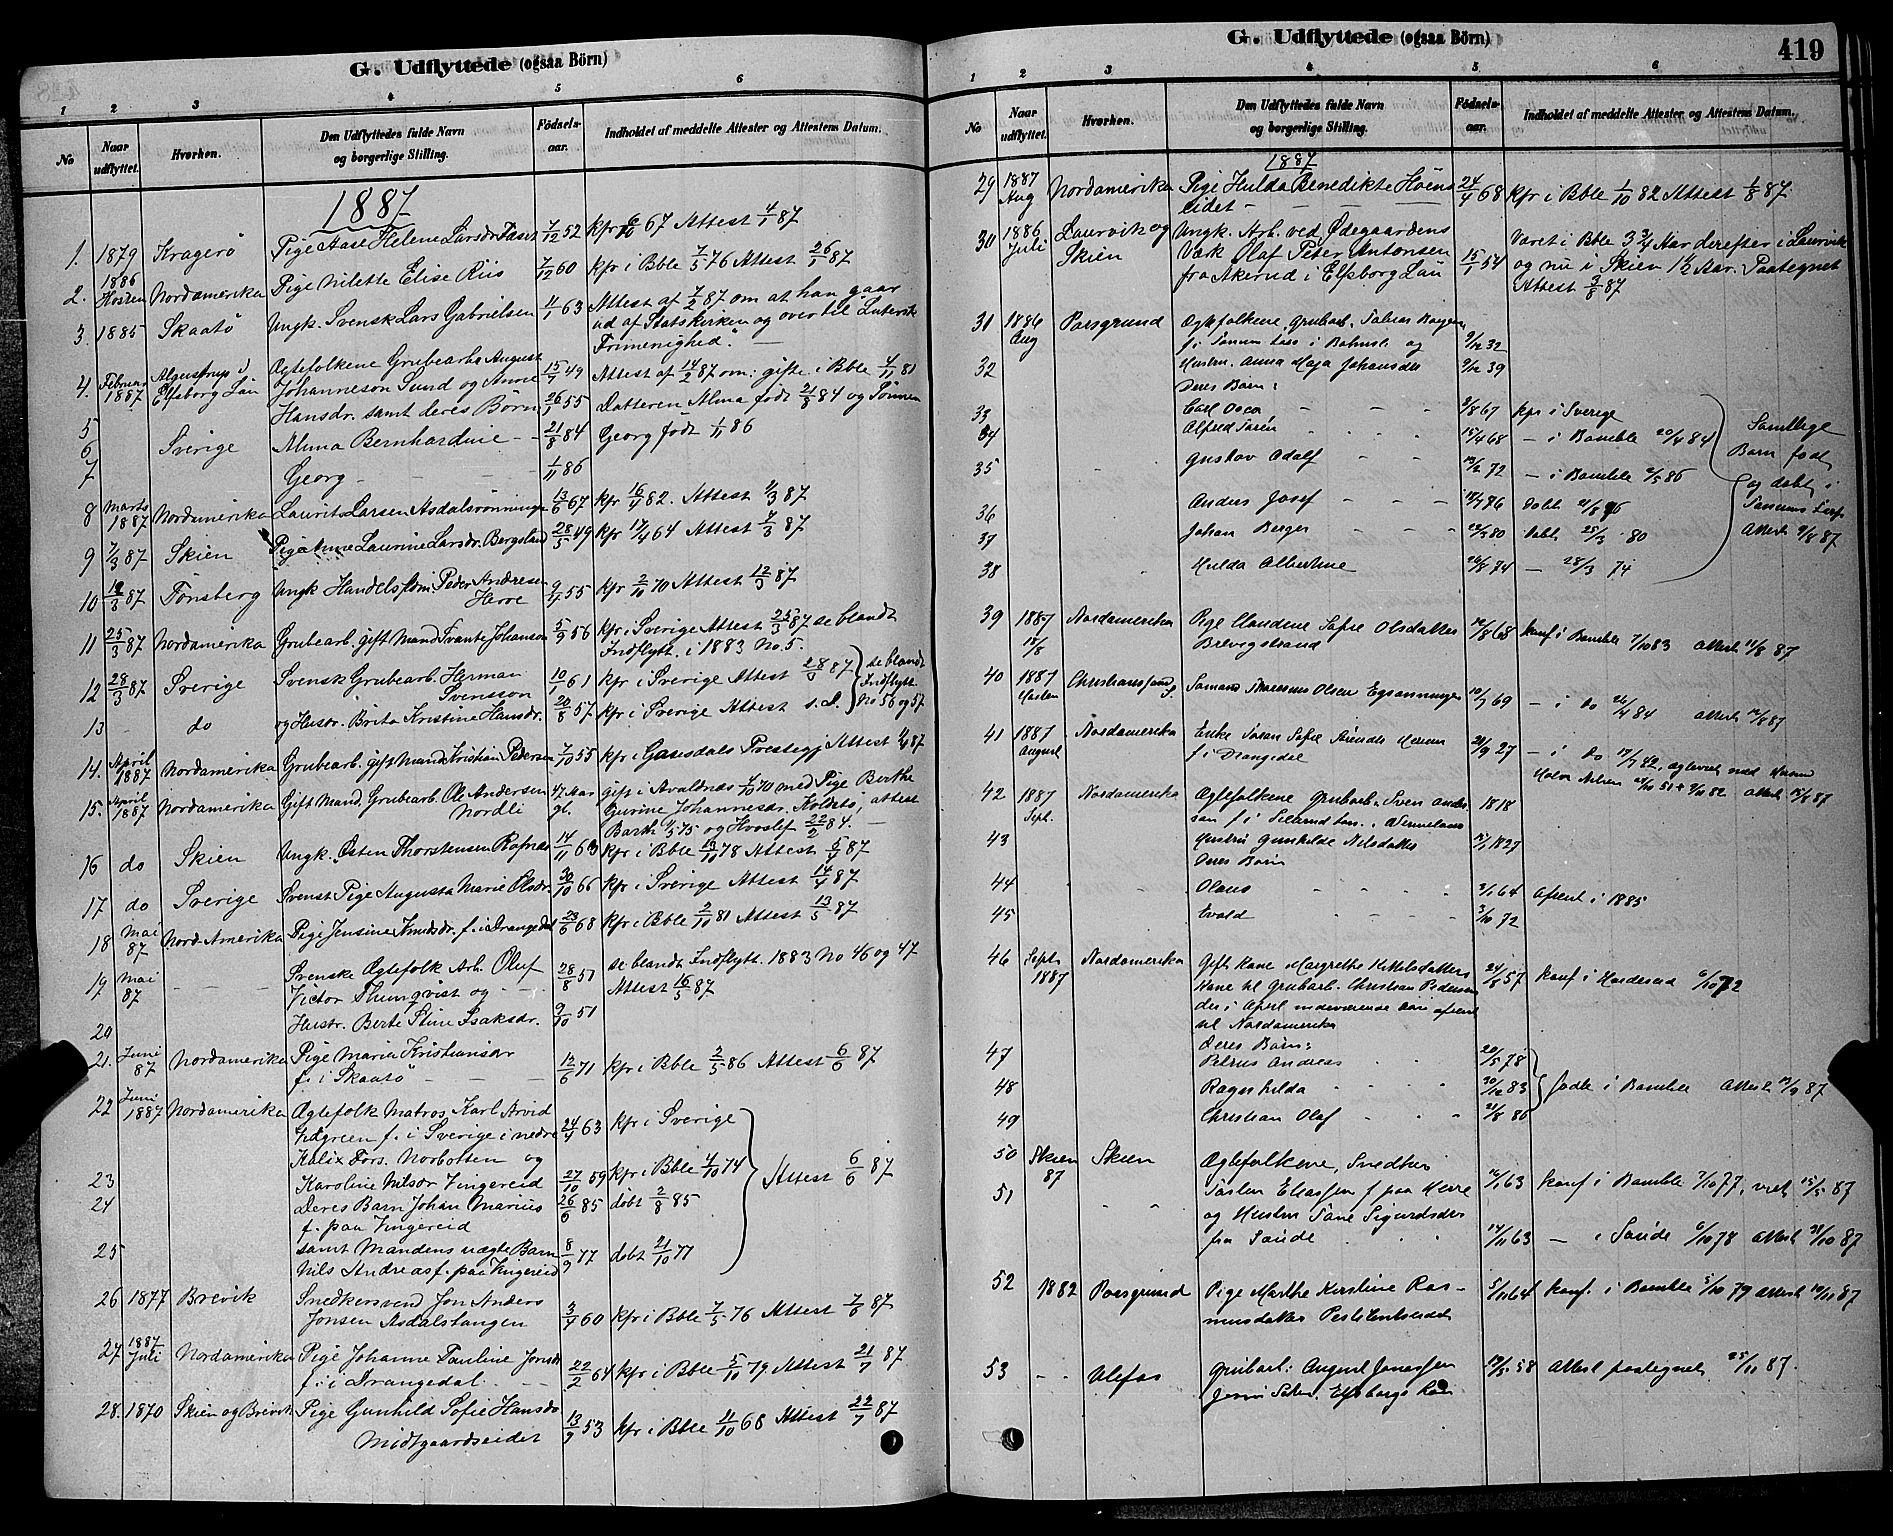 SAKO, Bamble kirkebøker, G/Ga/L0008: Klokkerbok nr. I 8, 1878-1888, s. 419